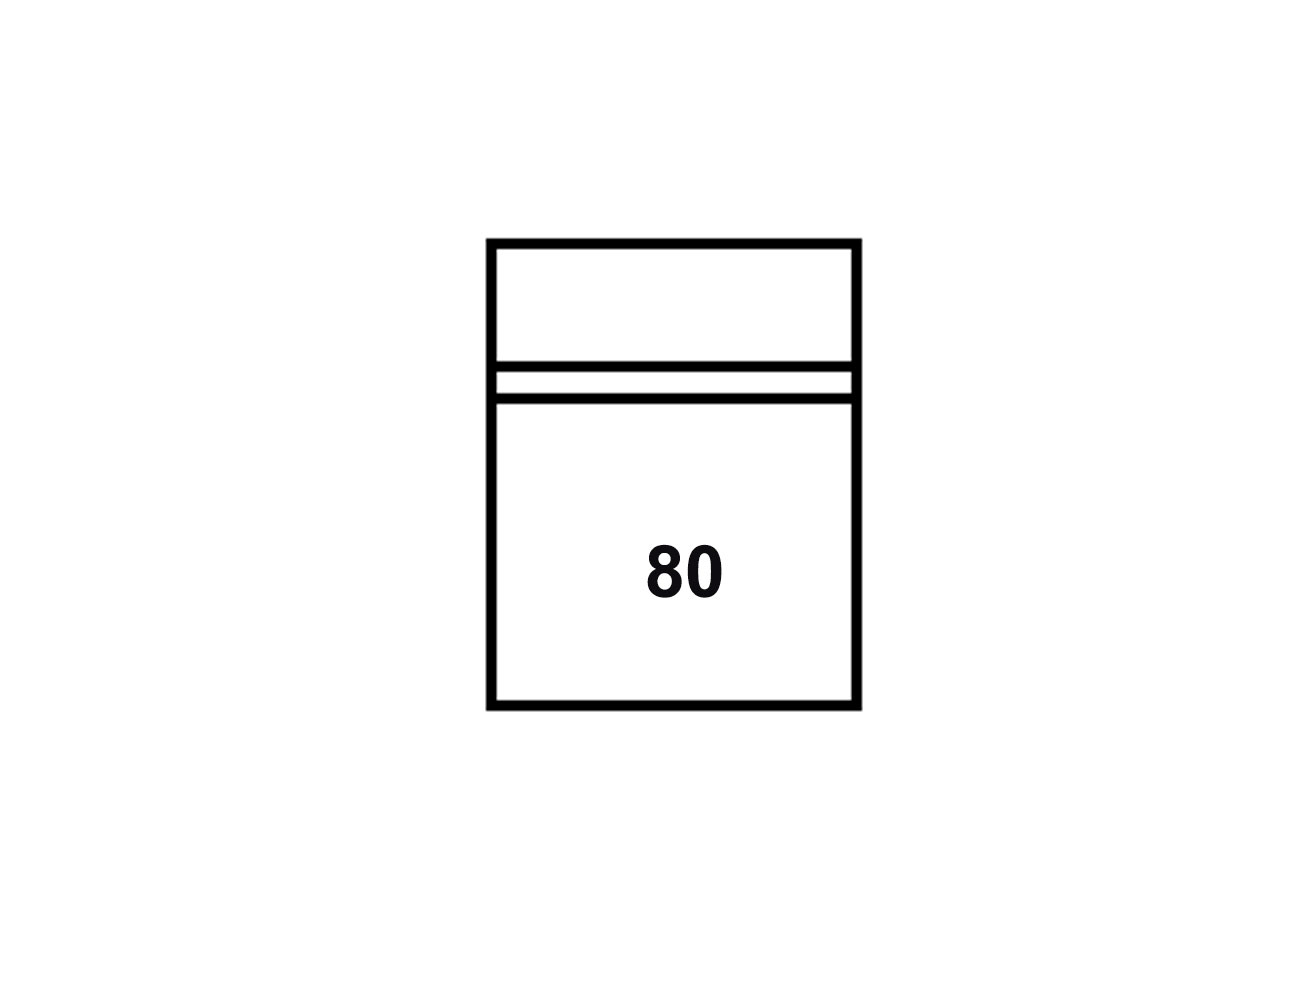 Modulo 1p 80